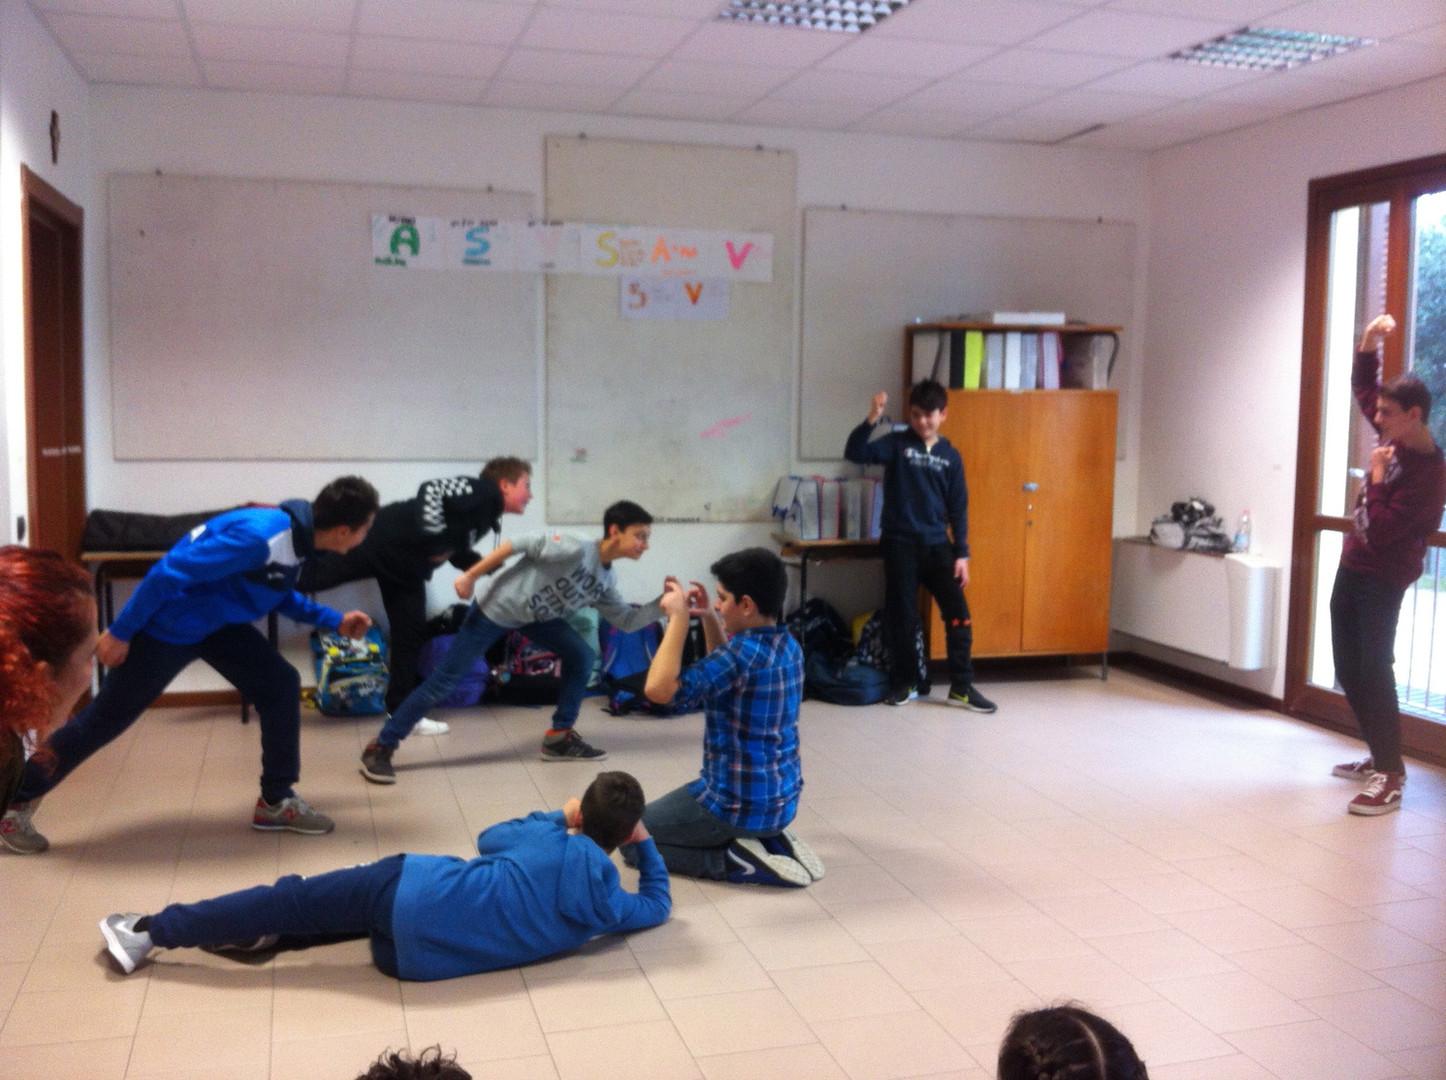 laboratori-scuole-zaches-teatro-camerino